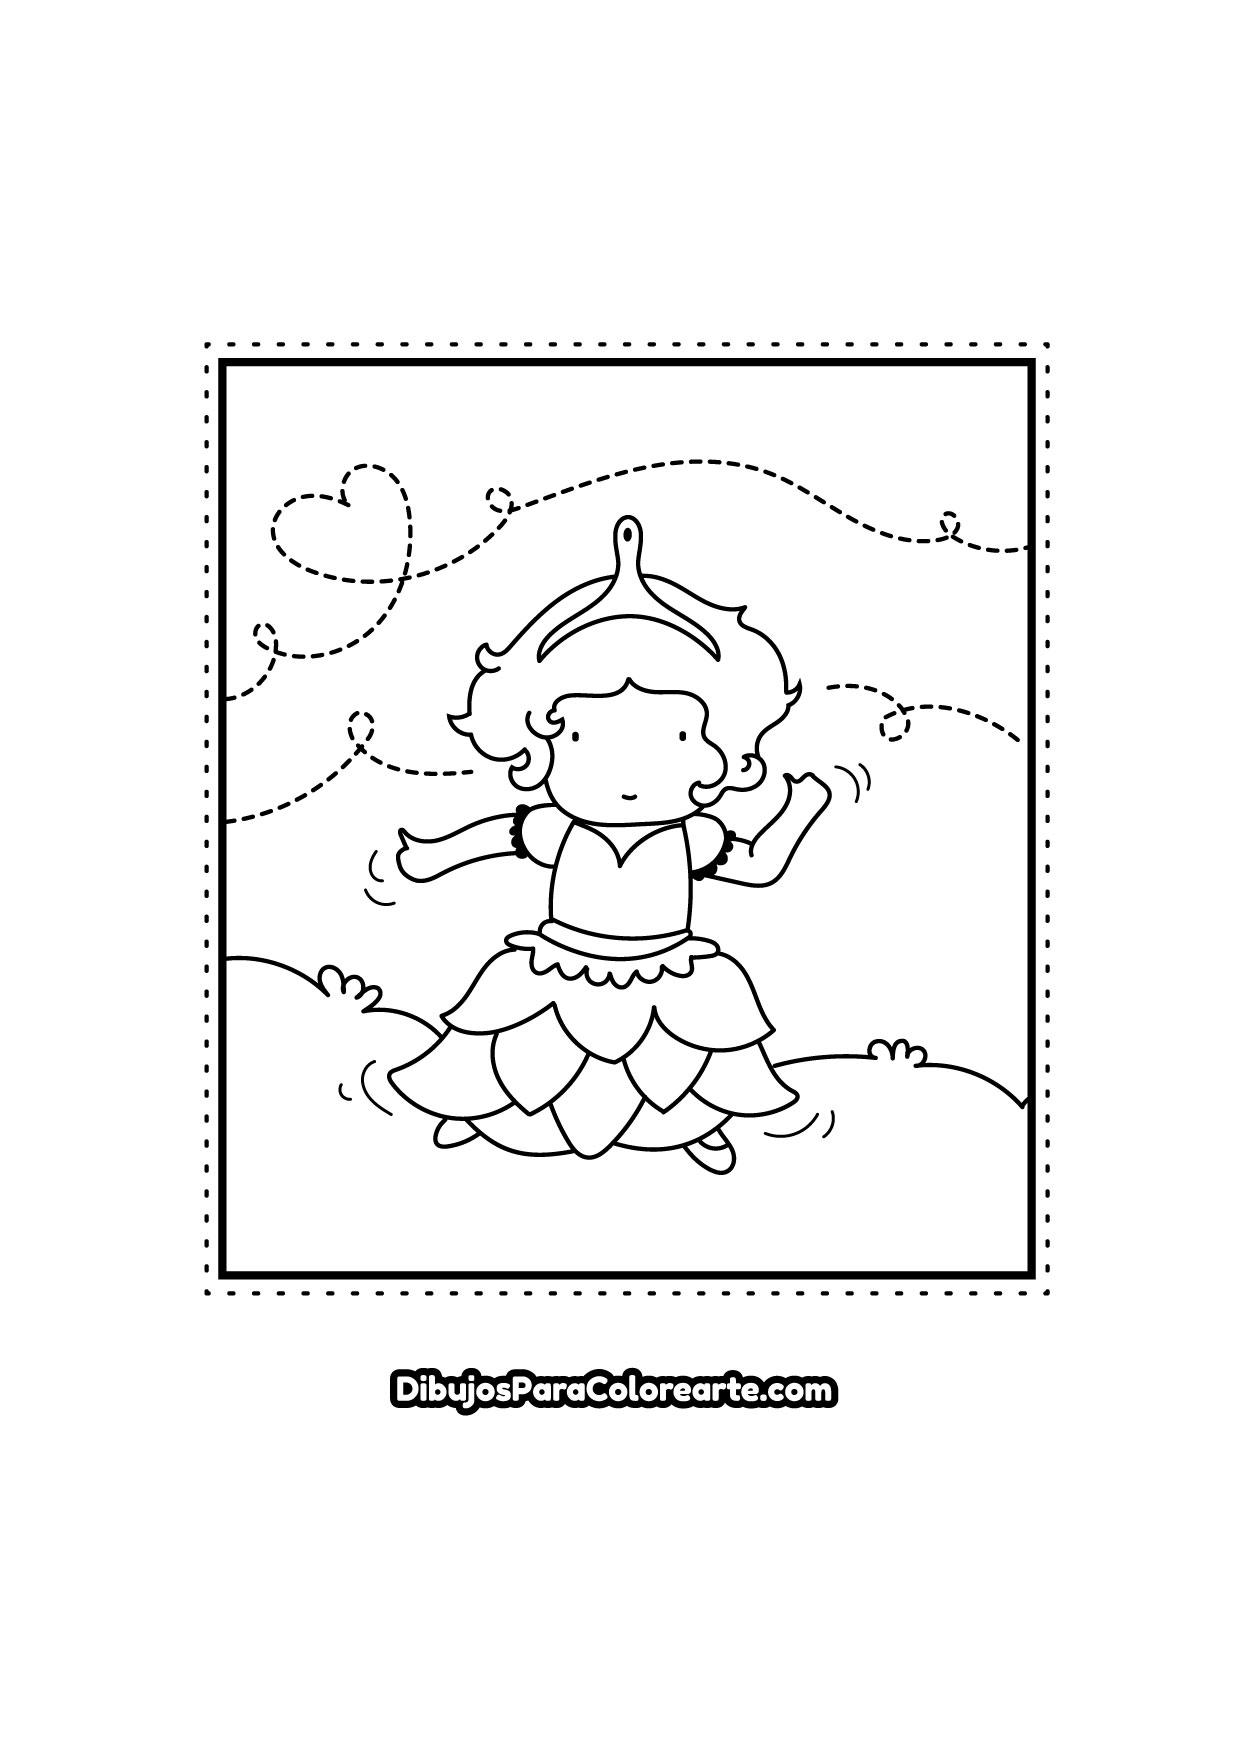 Pintar Dibujo De Princesa Bailarina